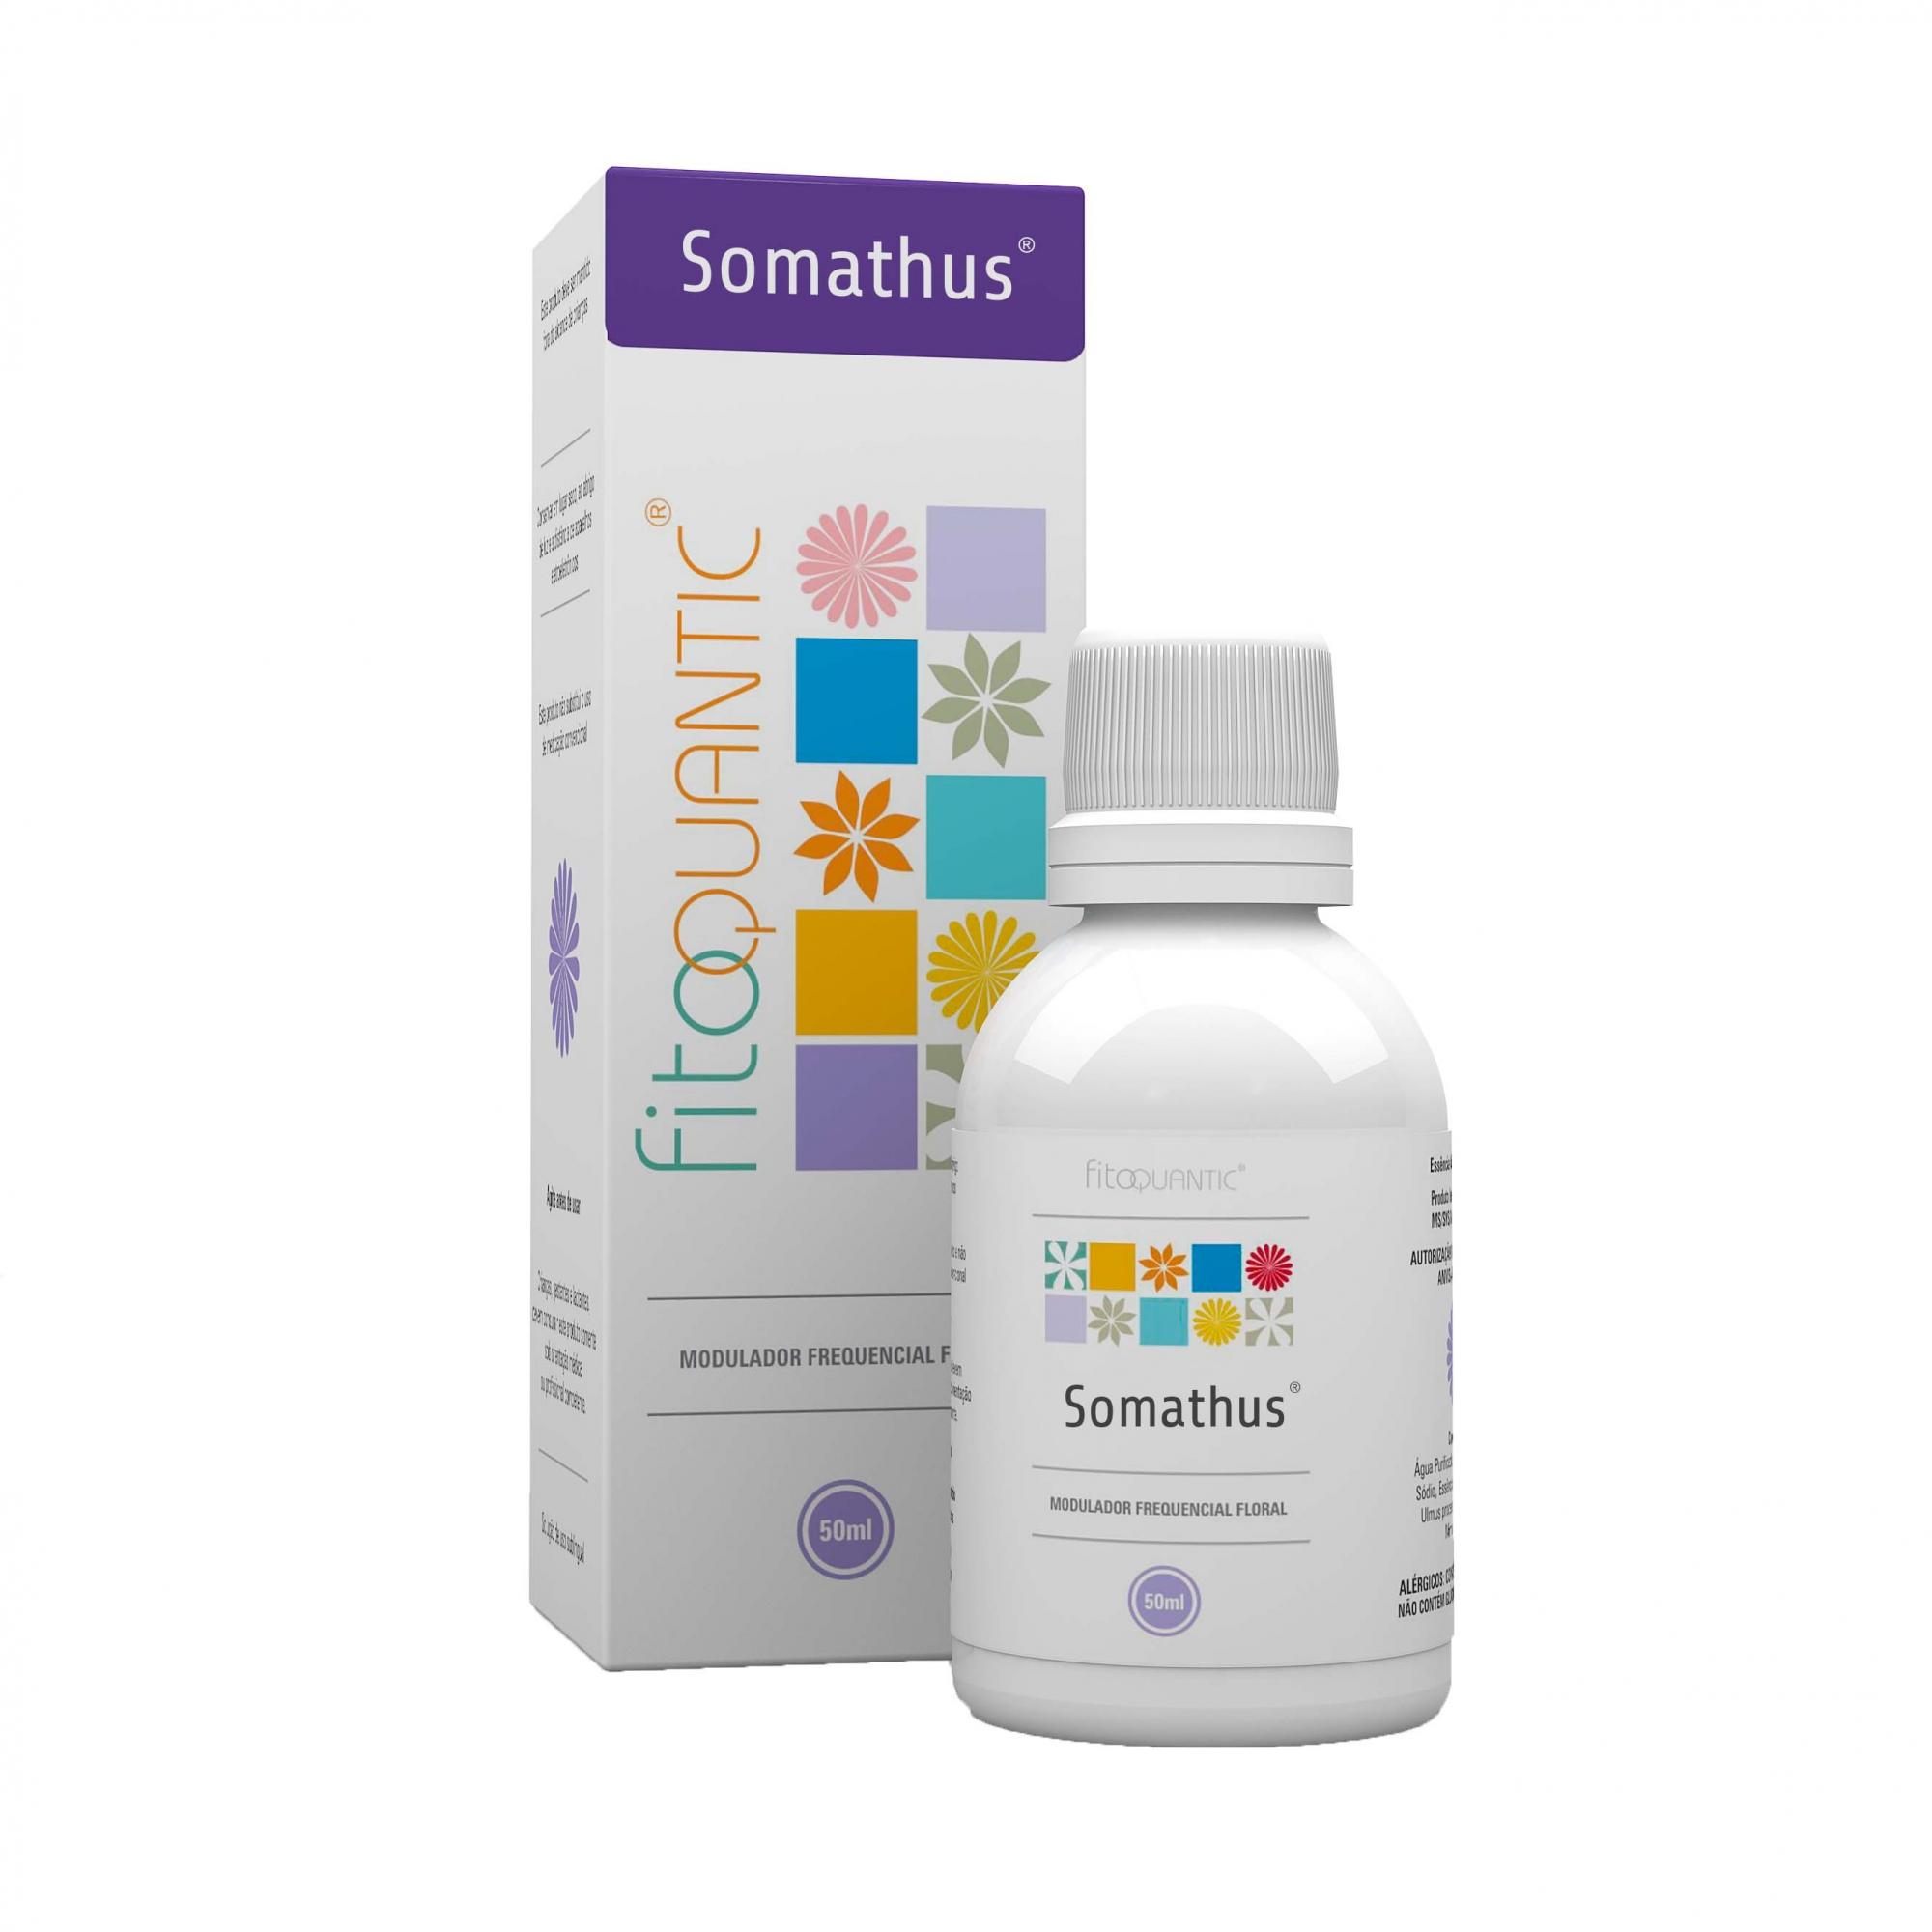 Fitoquantic Somathus 50ml Fisioquantic